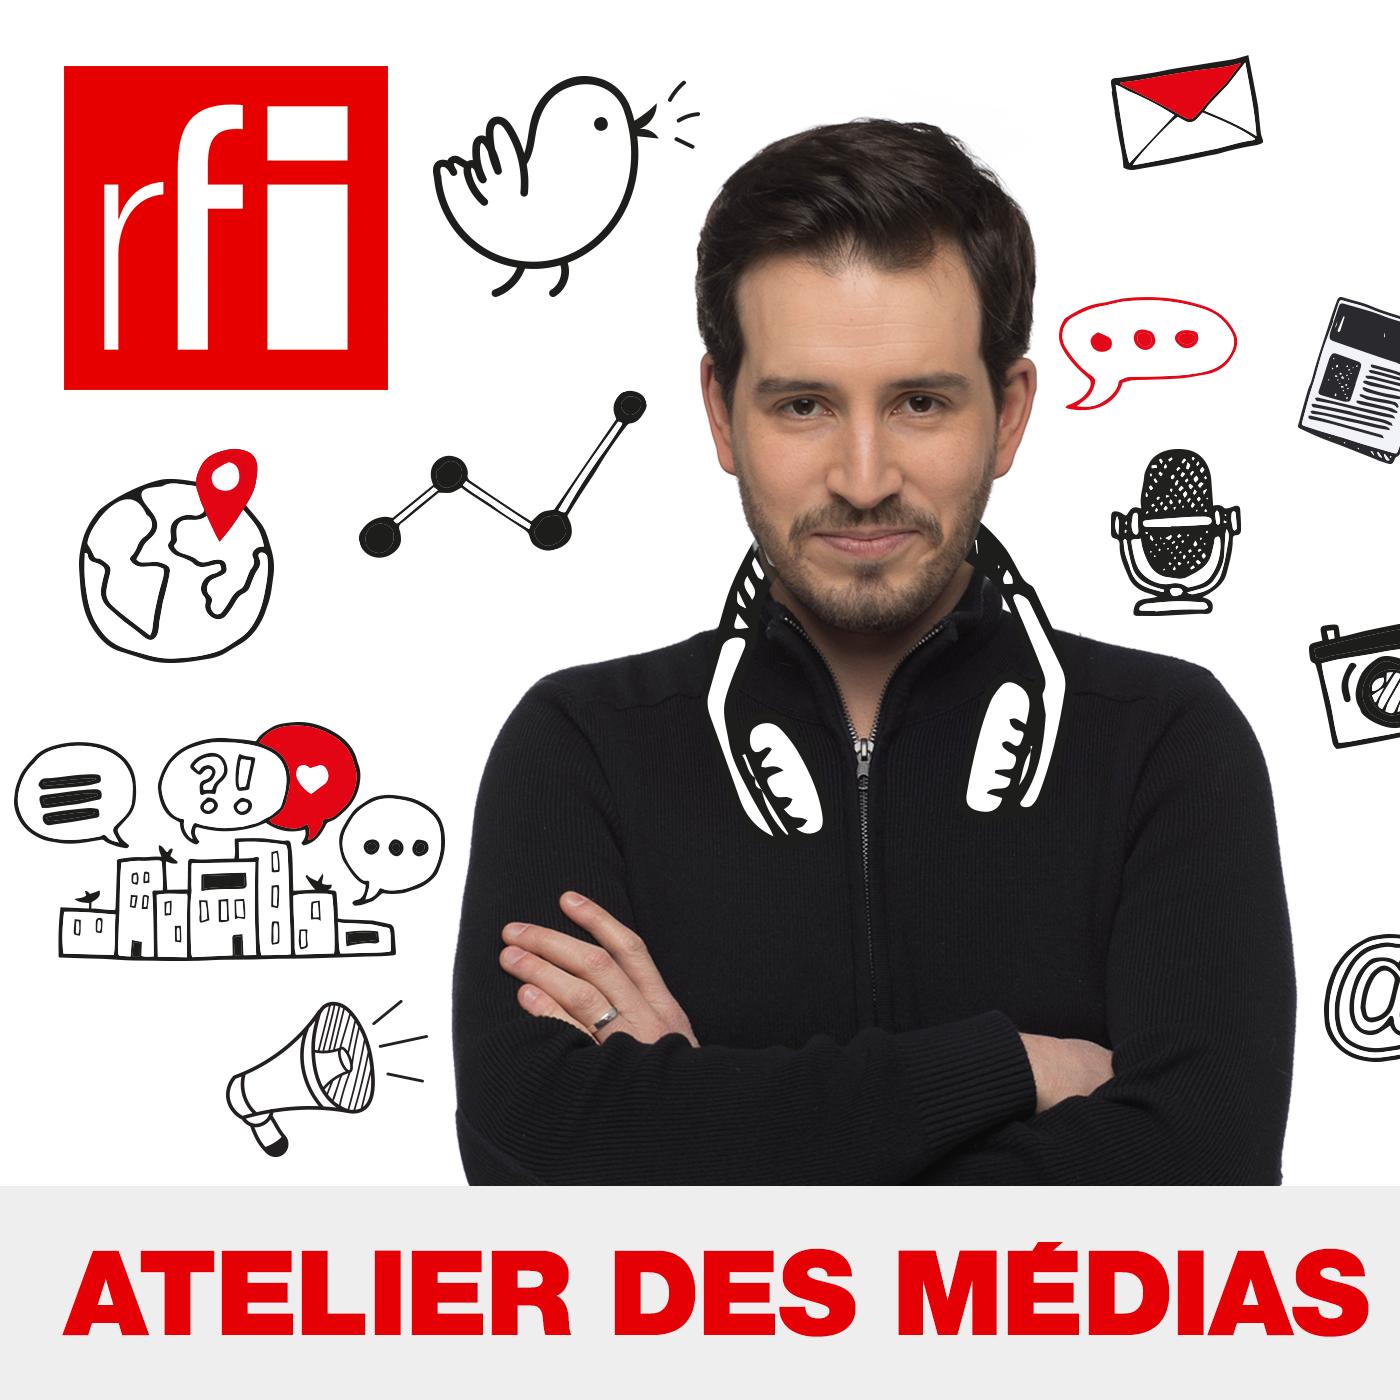 Atelier des médias - EntR, le pari d'un média plurilingue destiné aux jeunes Européens